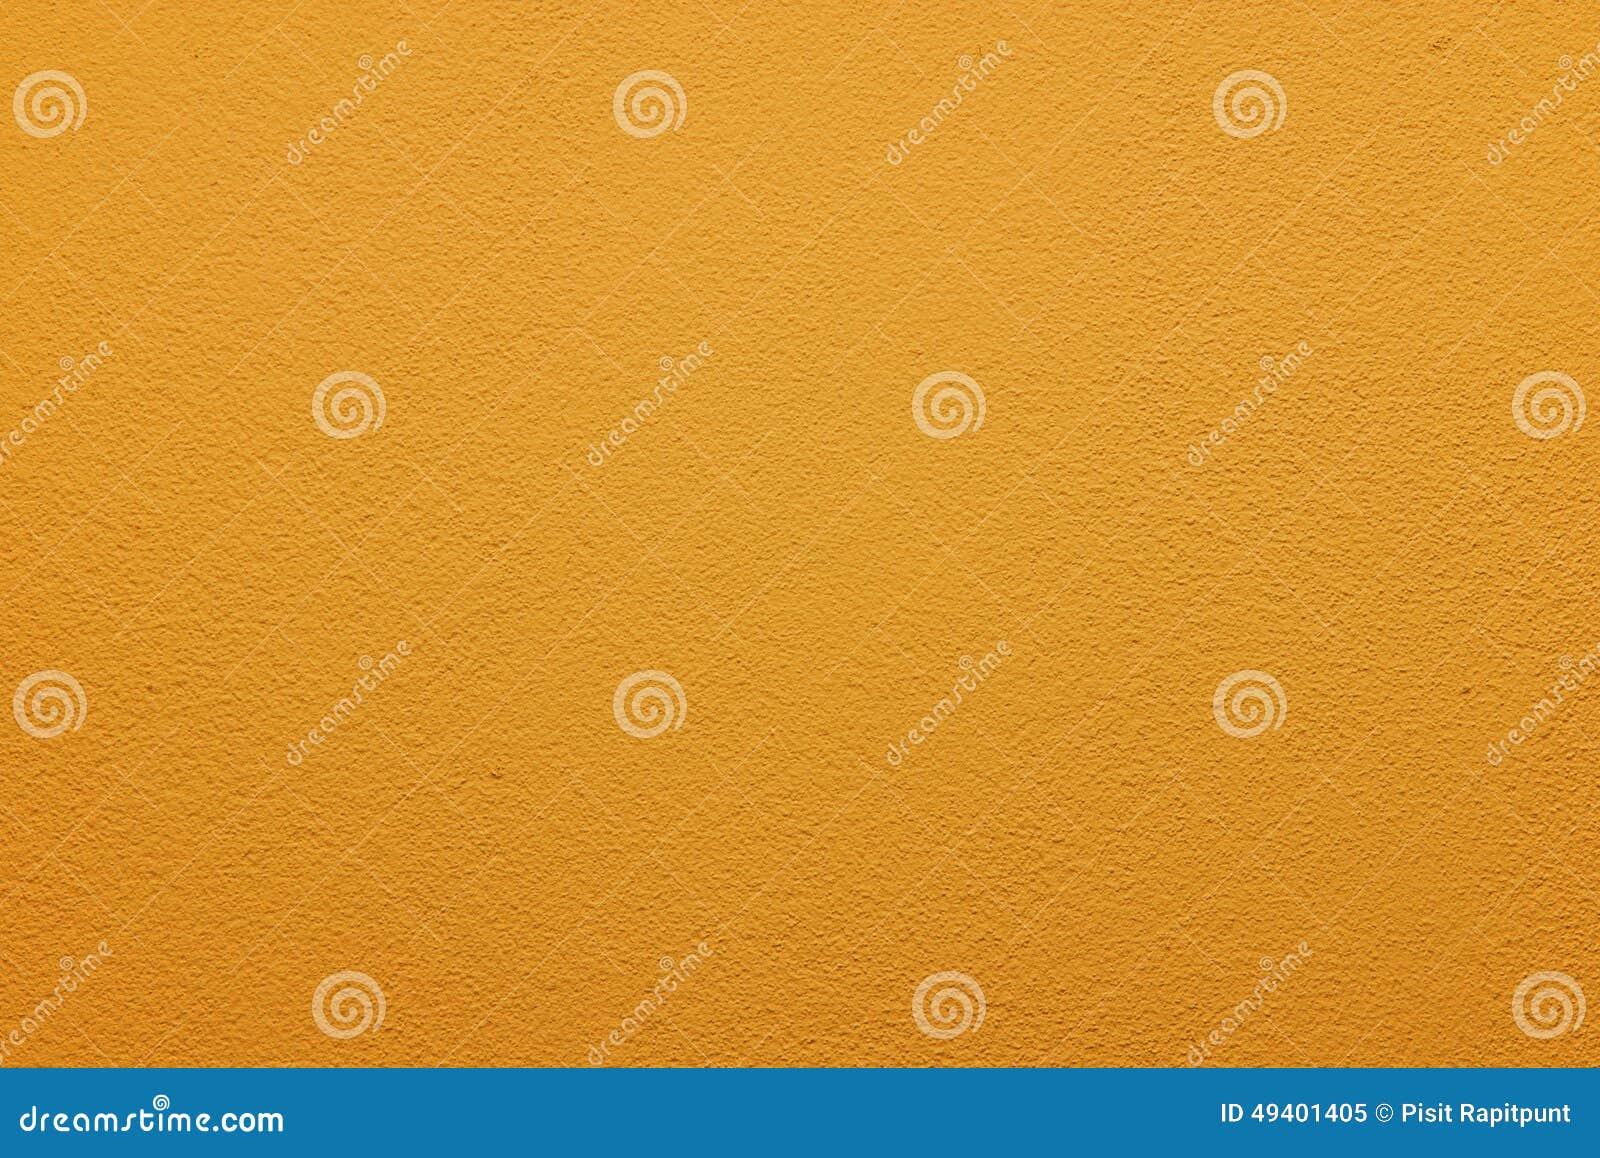 Download Zementputzwandhintergrund stockbild. Bild von dekor, hintergründe - 49401405